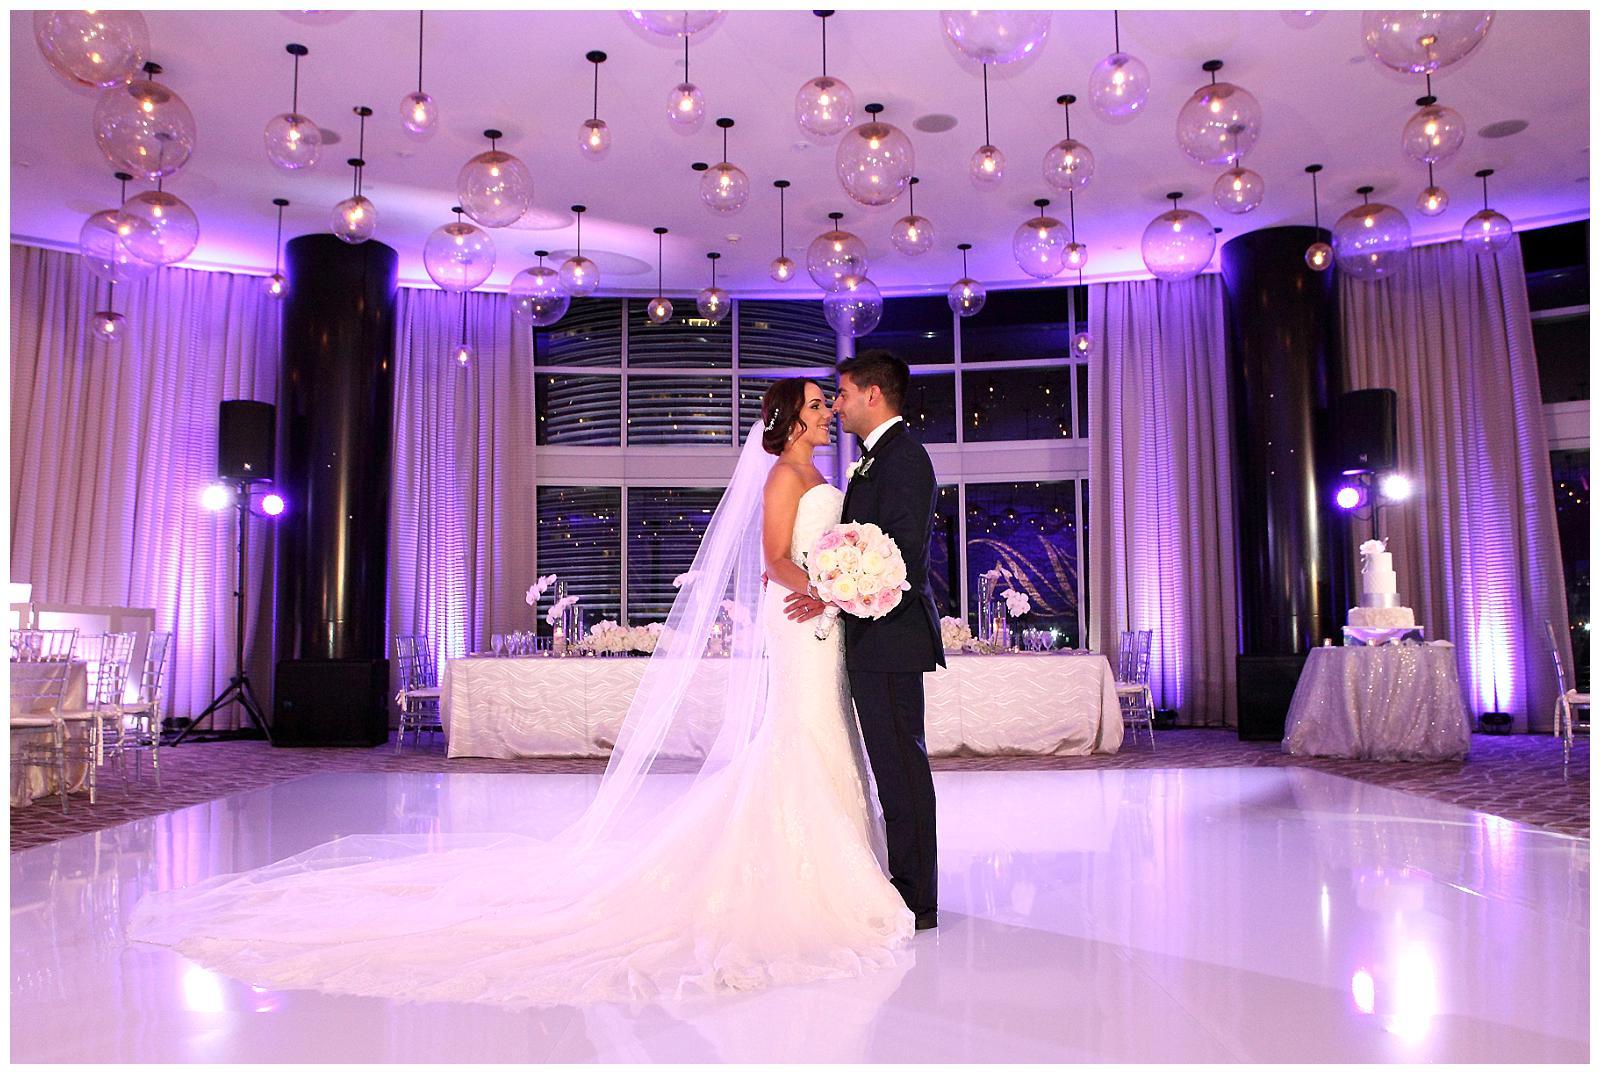 melissa alfred epic hotel wedding cake elegant temptations. Black Bedroom Furniture Sets. Home Design Ideas